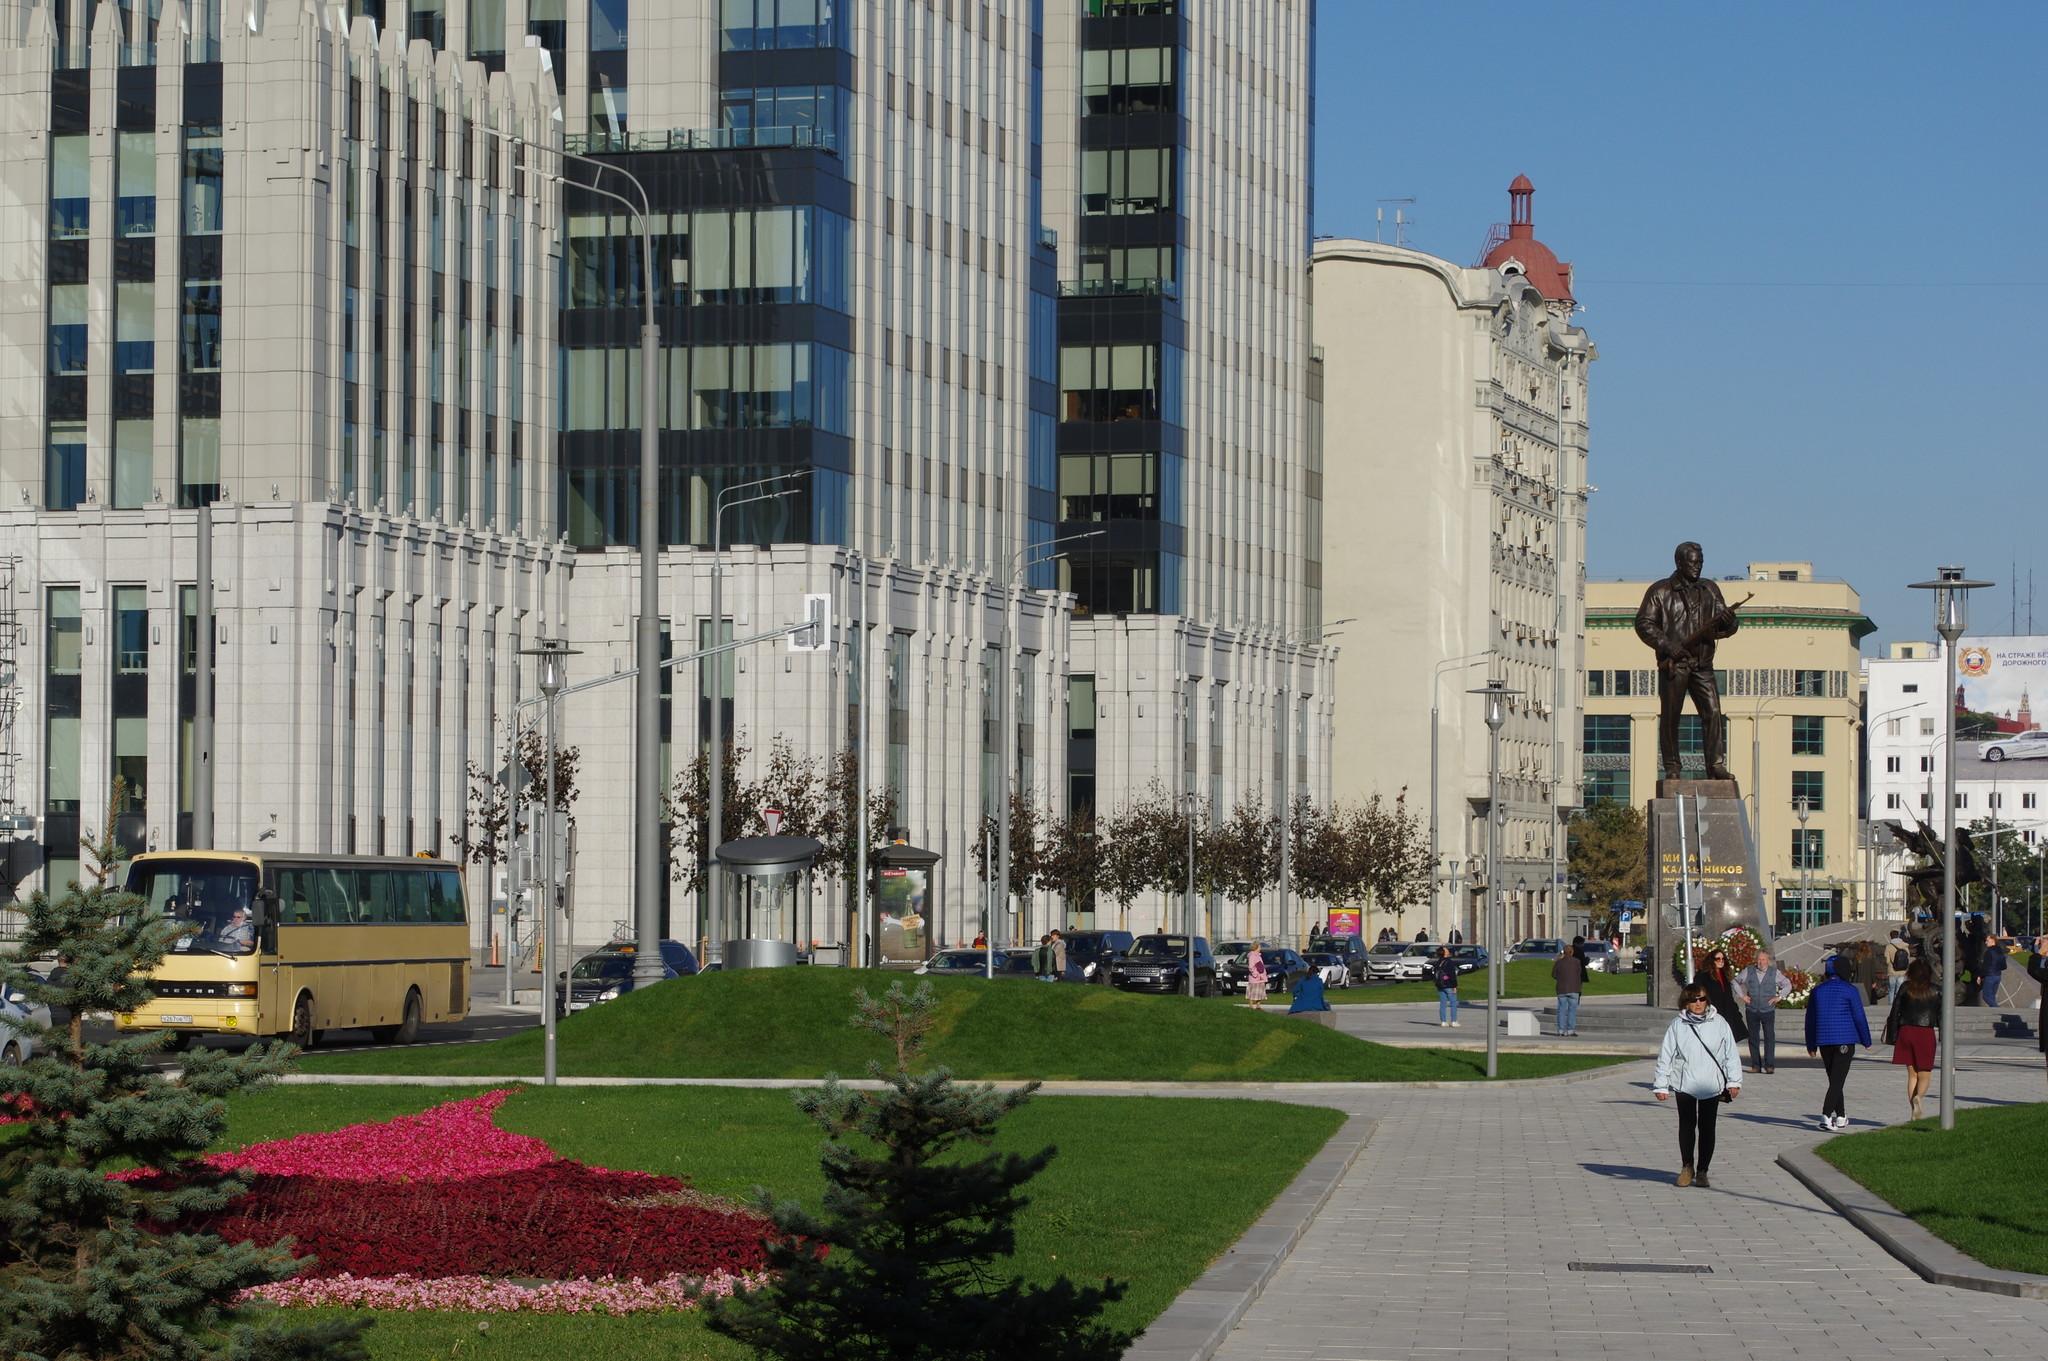 Памятник Михаилу Тимофеевичу Калашникову в Оружейном сквере на пересечении Оружейного переулка и Долгоруковской улицы